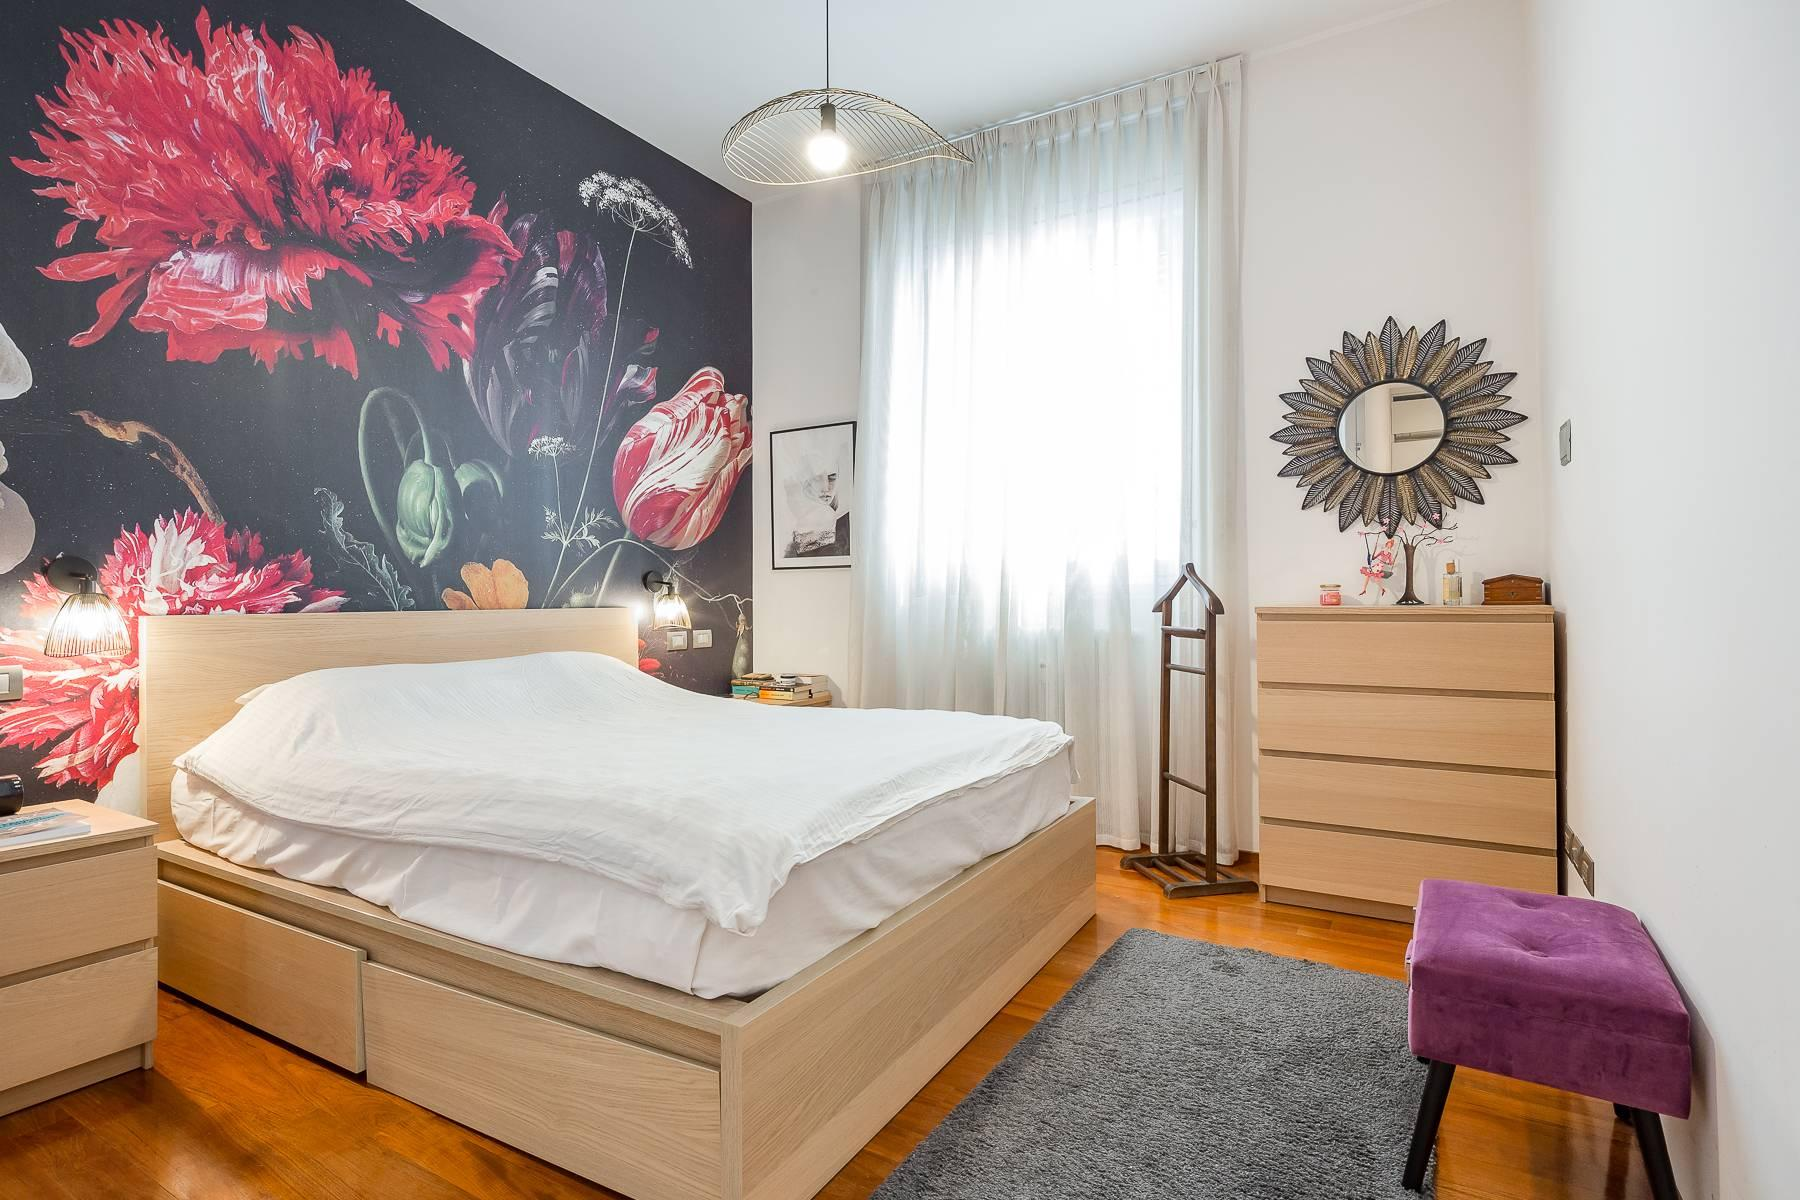 Renovierte Wohnung im Stadtviertel Ticinese/Darsena - 13